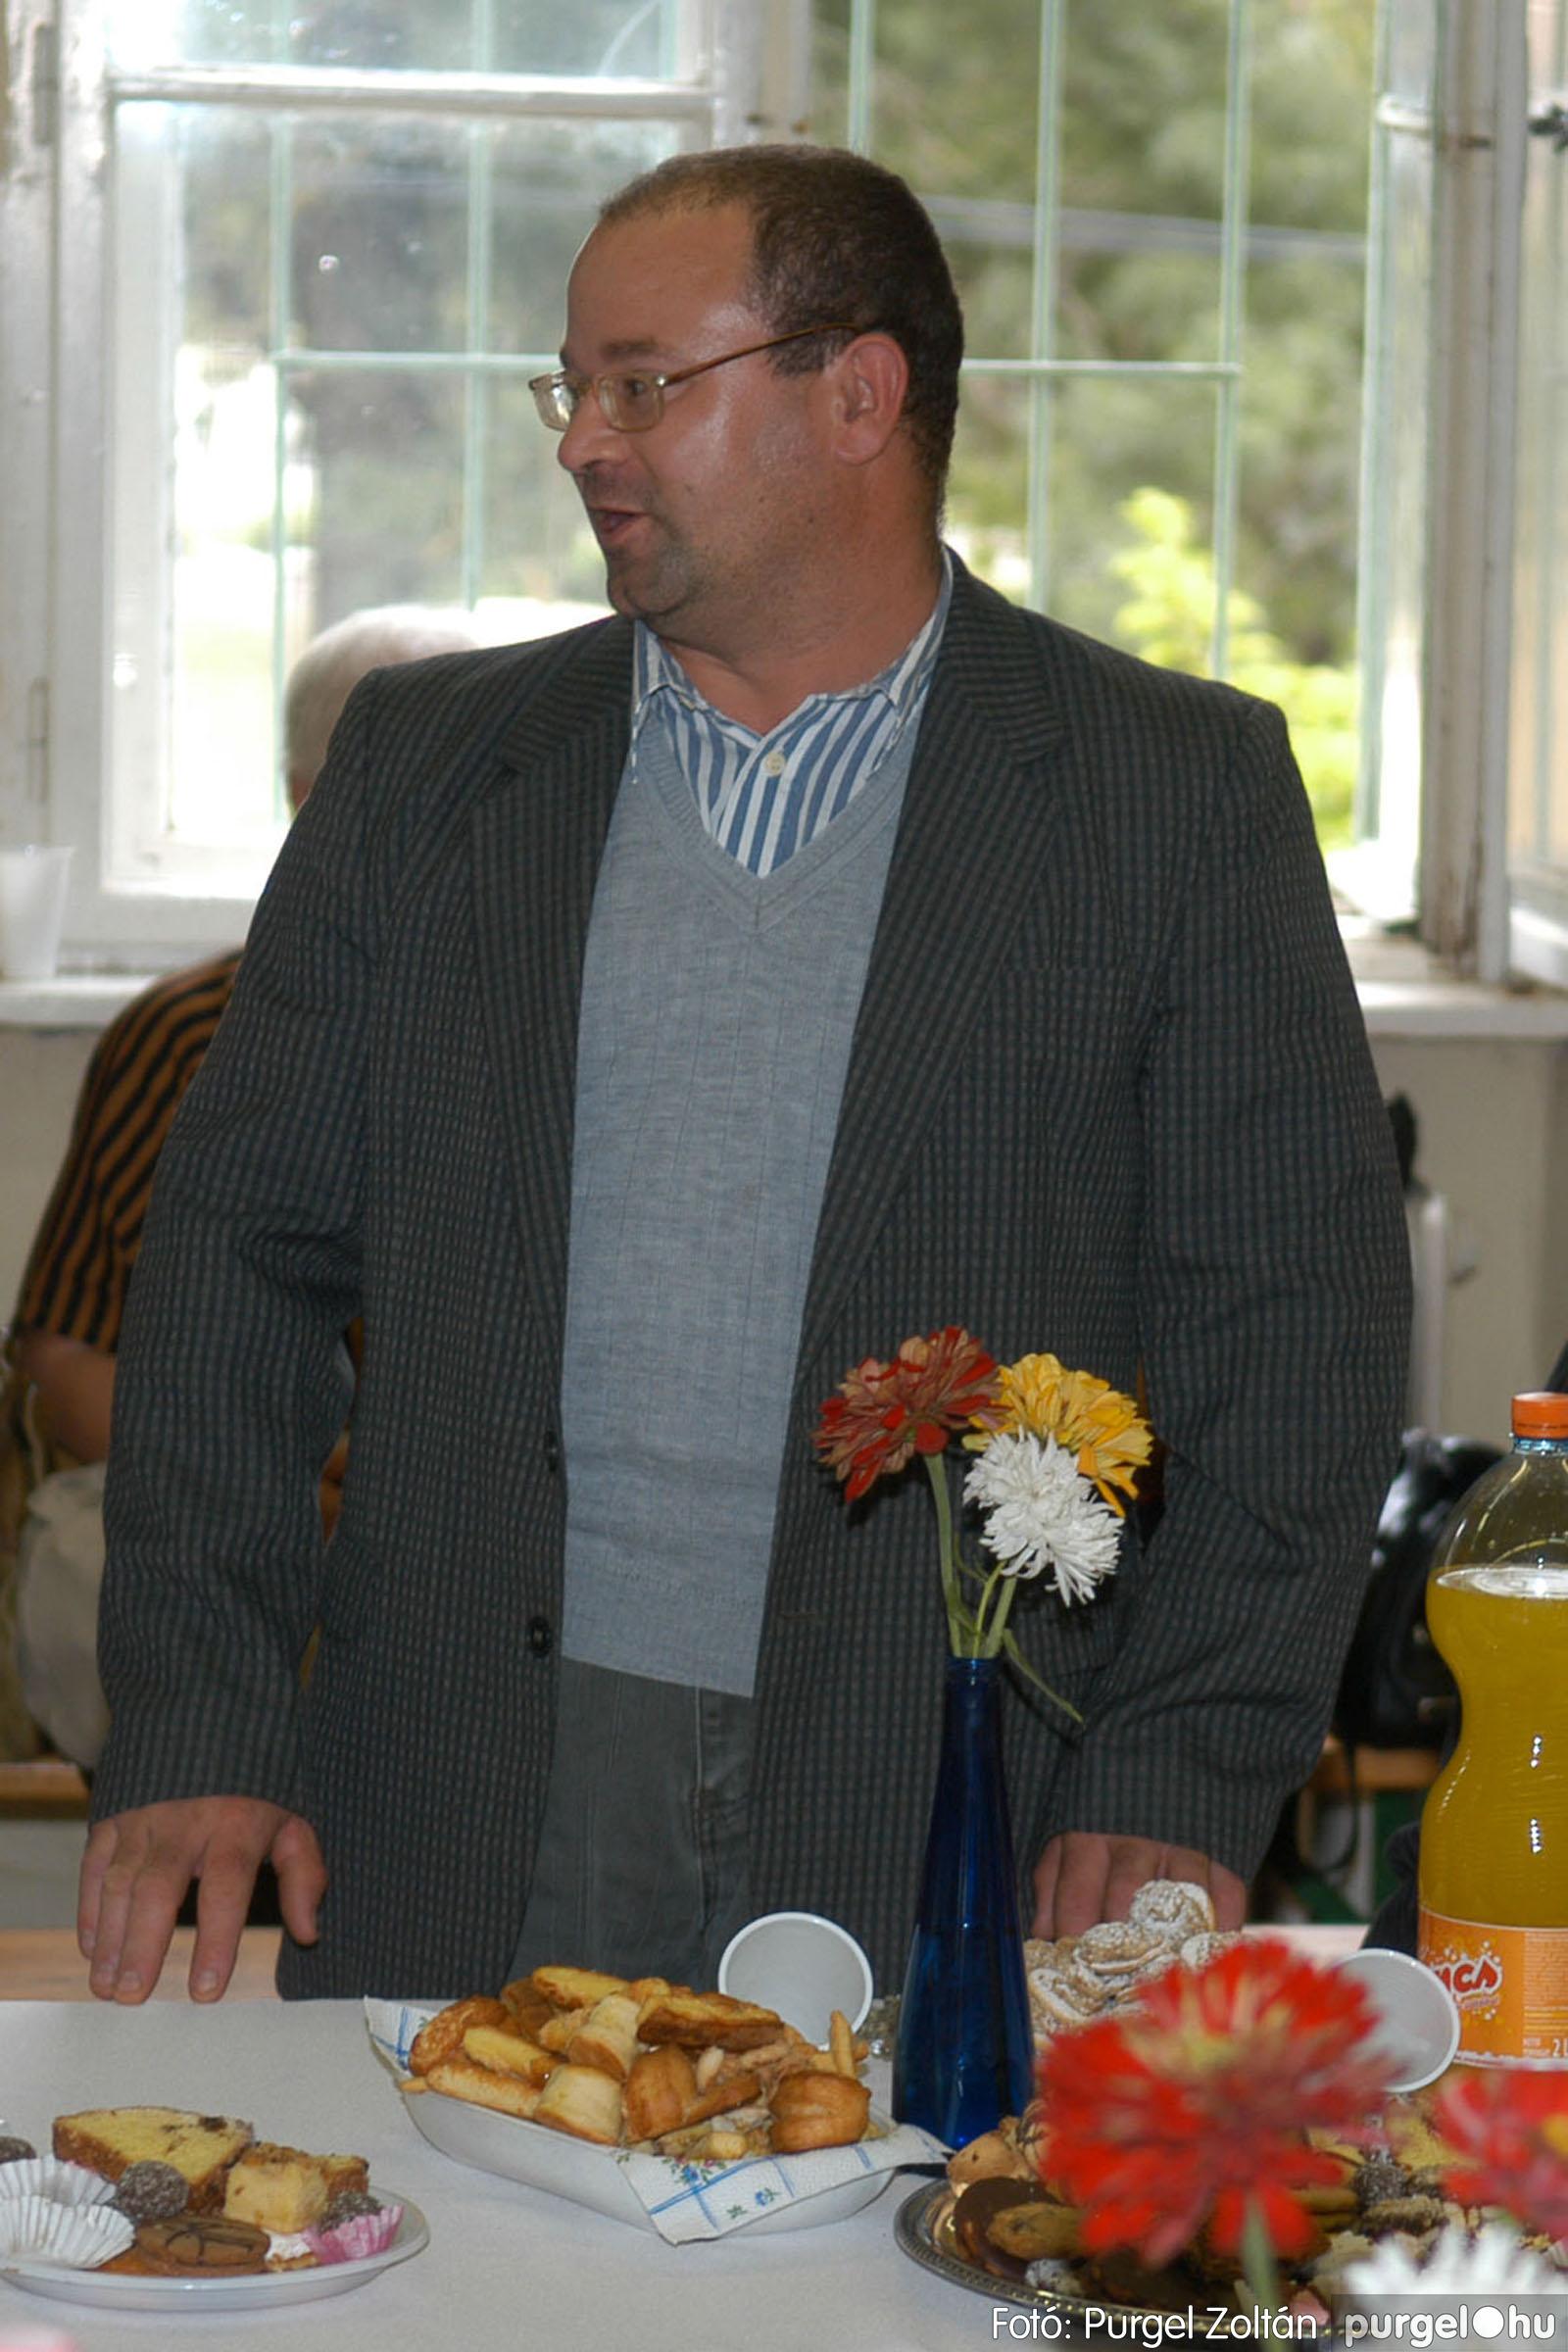 2014.09.06. 219 Állami gondozottak találkozója - Fotó:PURGEL ZOLTÁN© DSC_0498q.jpg